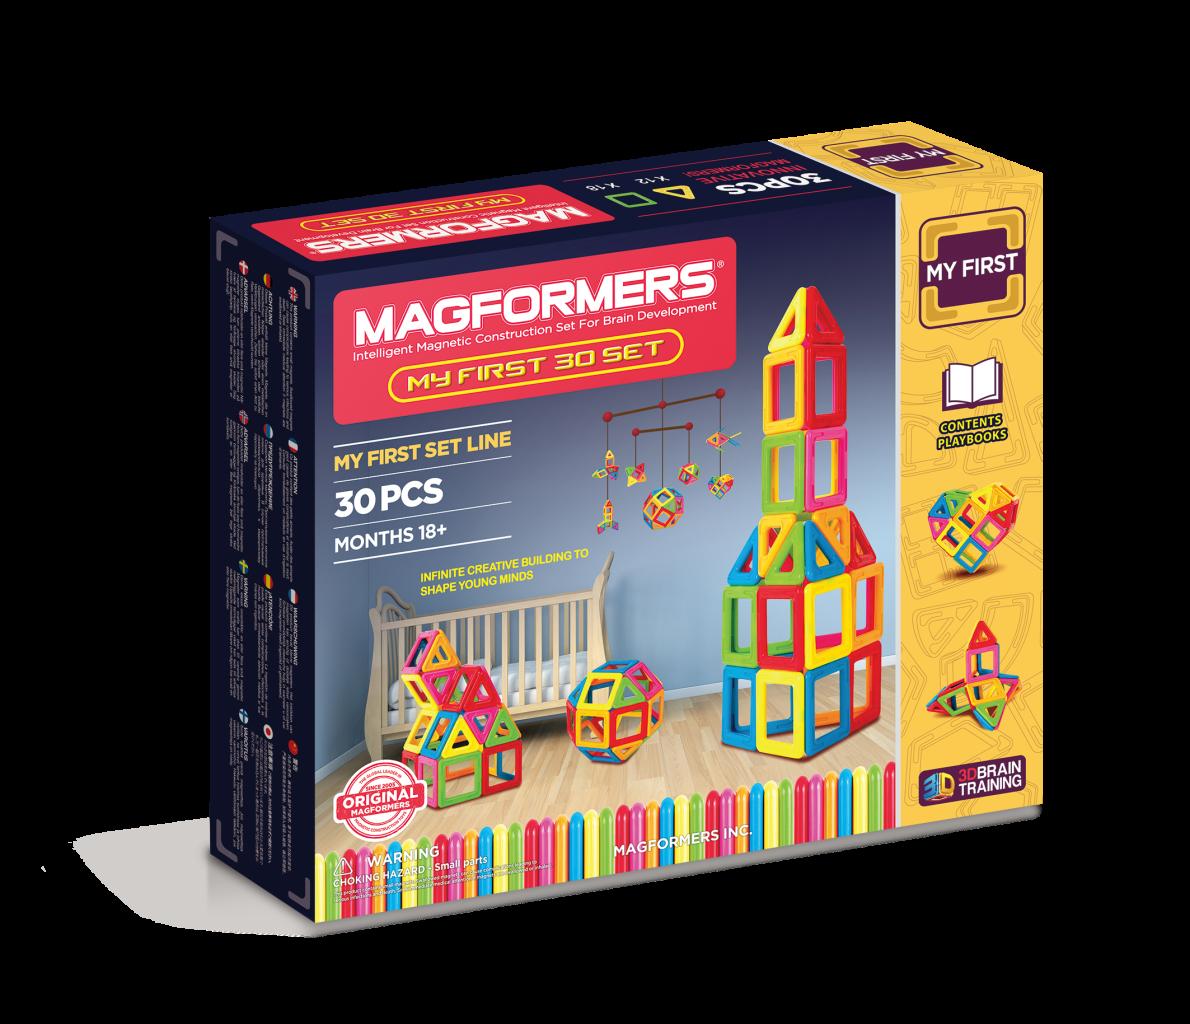 Купить MAGFORMERS Мой первый Магформер | 30702001 (63107) конструктор магнитный 30 деталей, Китай